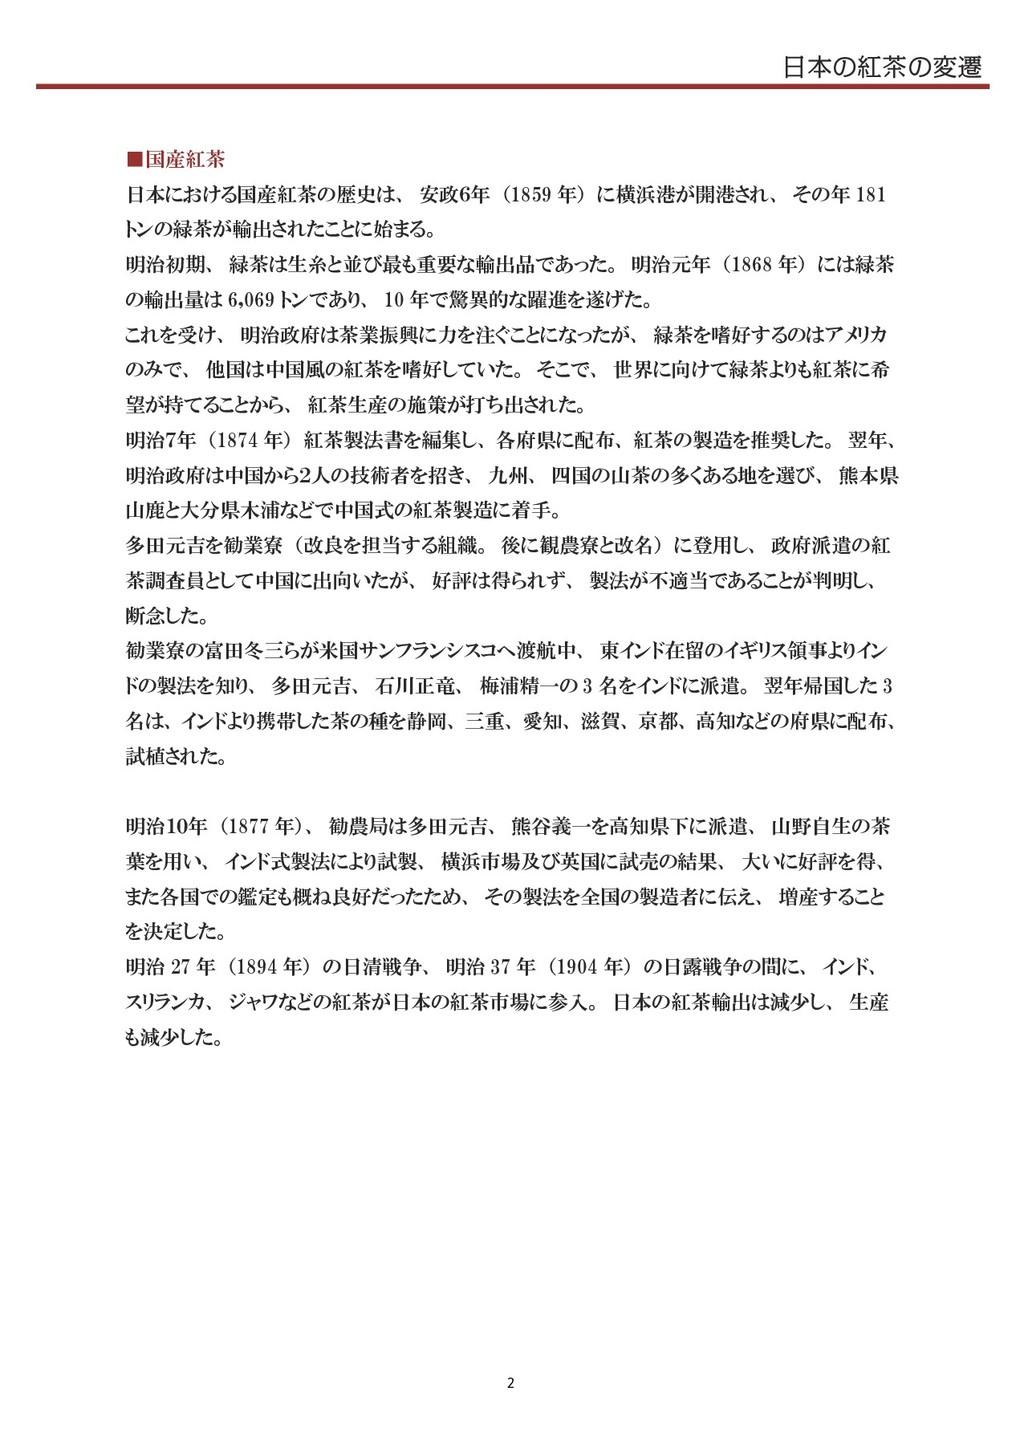 ຊͷߚͷมભ ■国産紅茶 日本における国産紅茶の歴史は、 安政6年 (1859 年) に横...